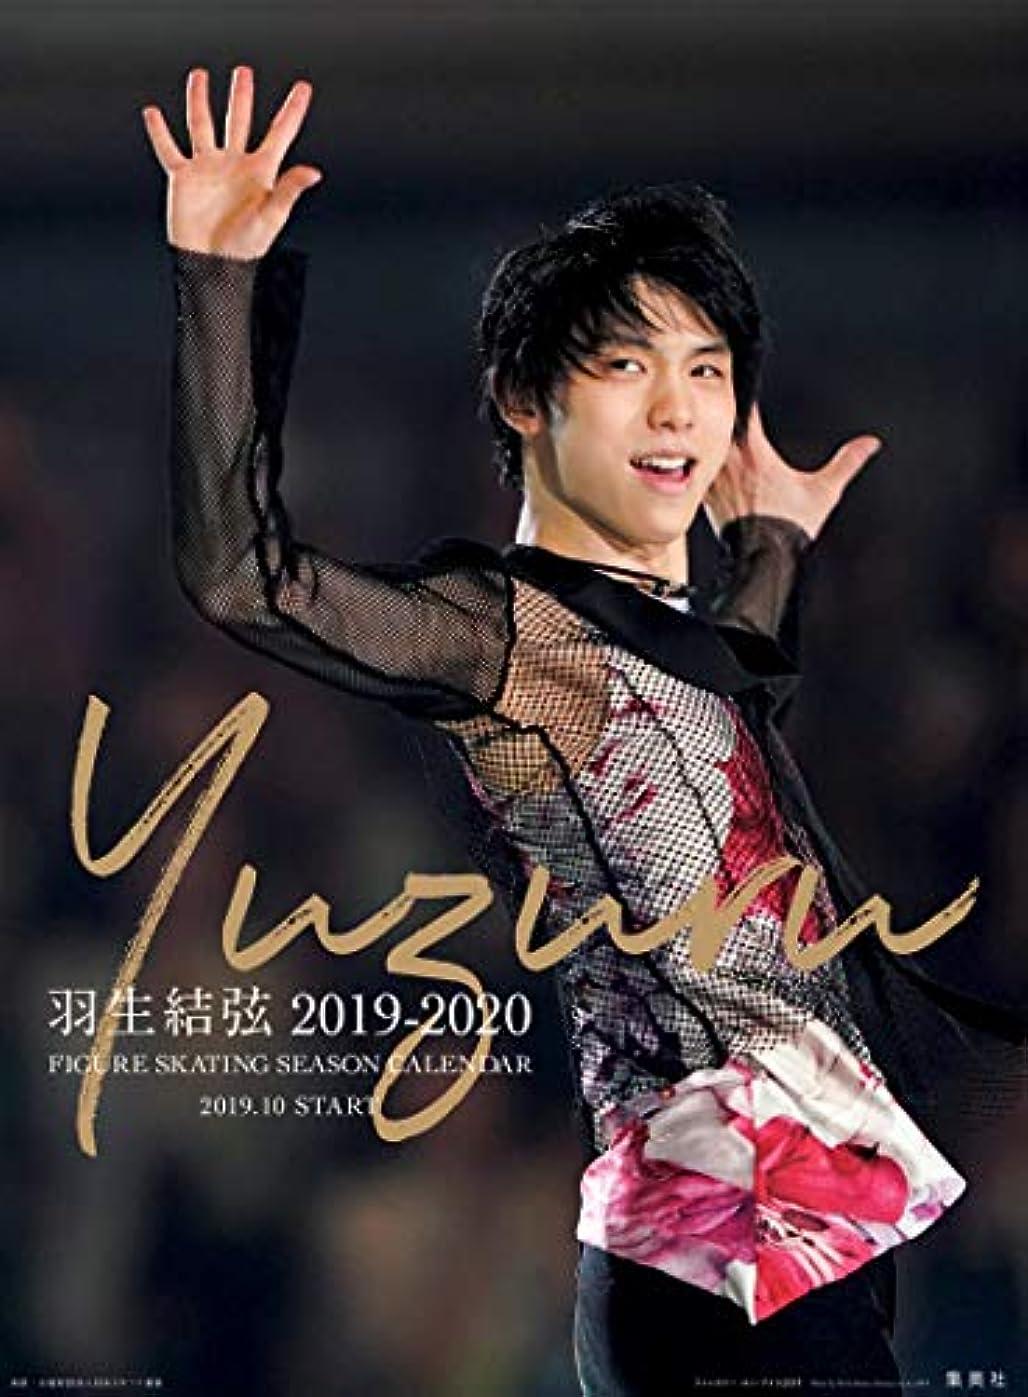 ピン底ウェイター羽生結弦 2019-2020フィギュアスケートシーズンカレンダー 壁掛け版